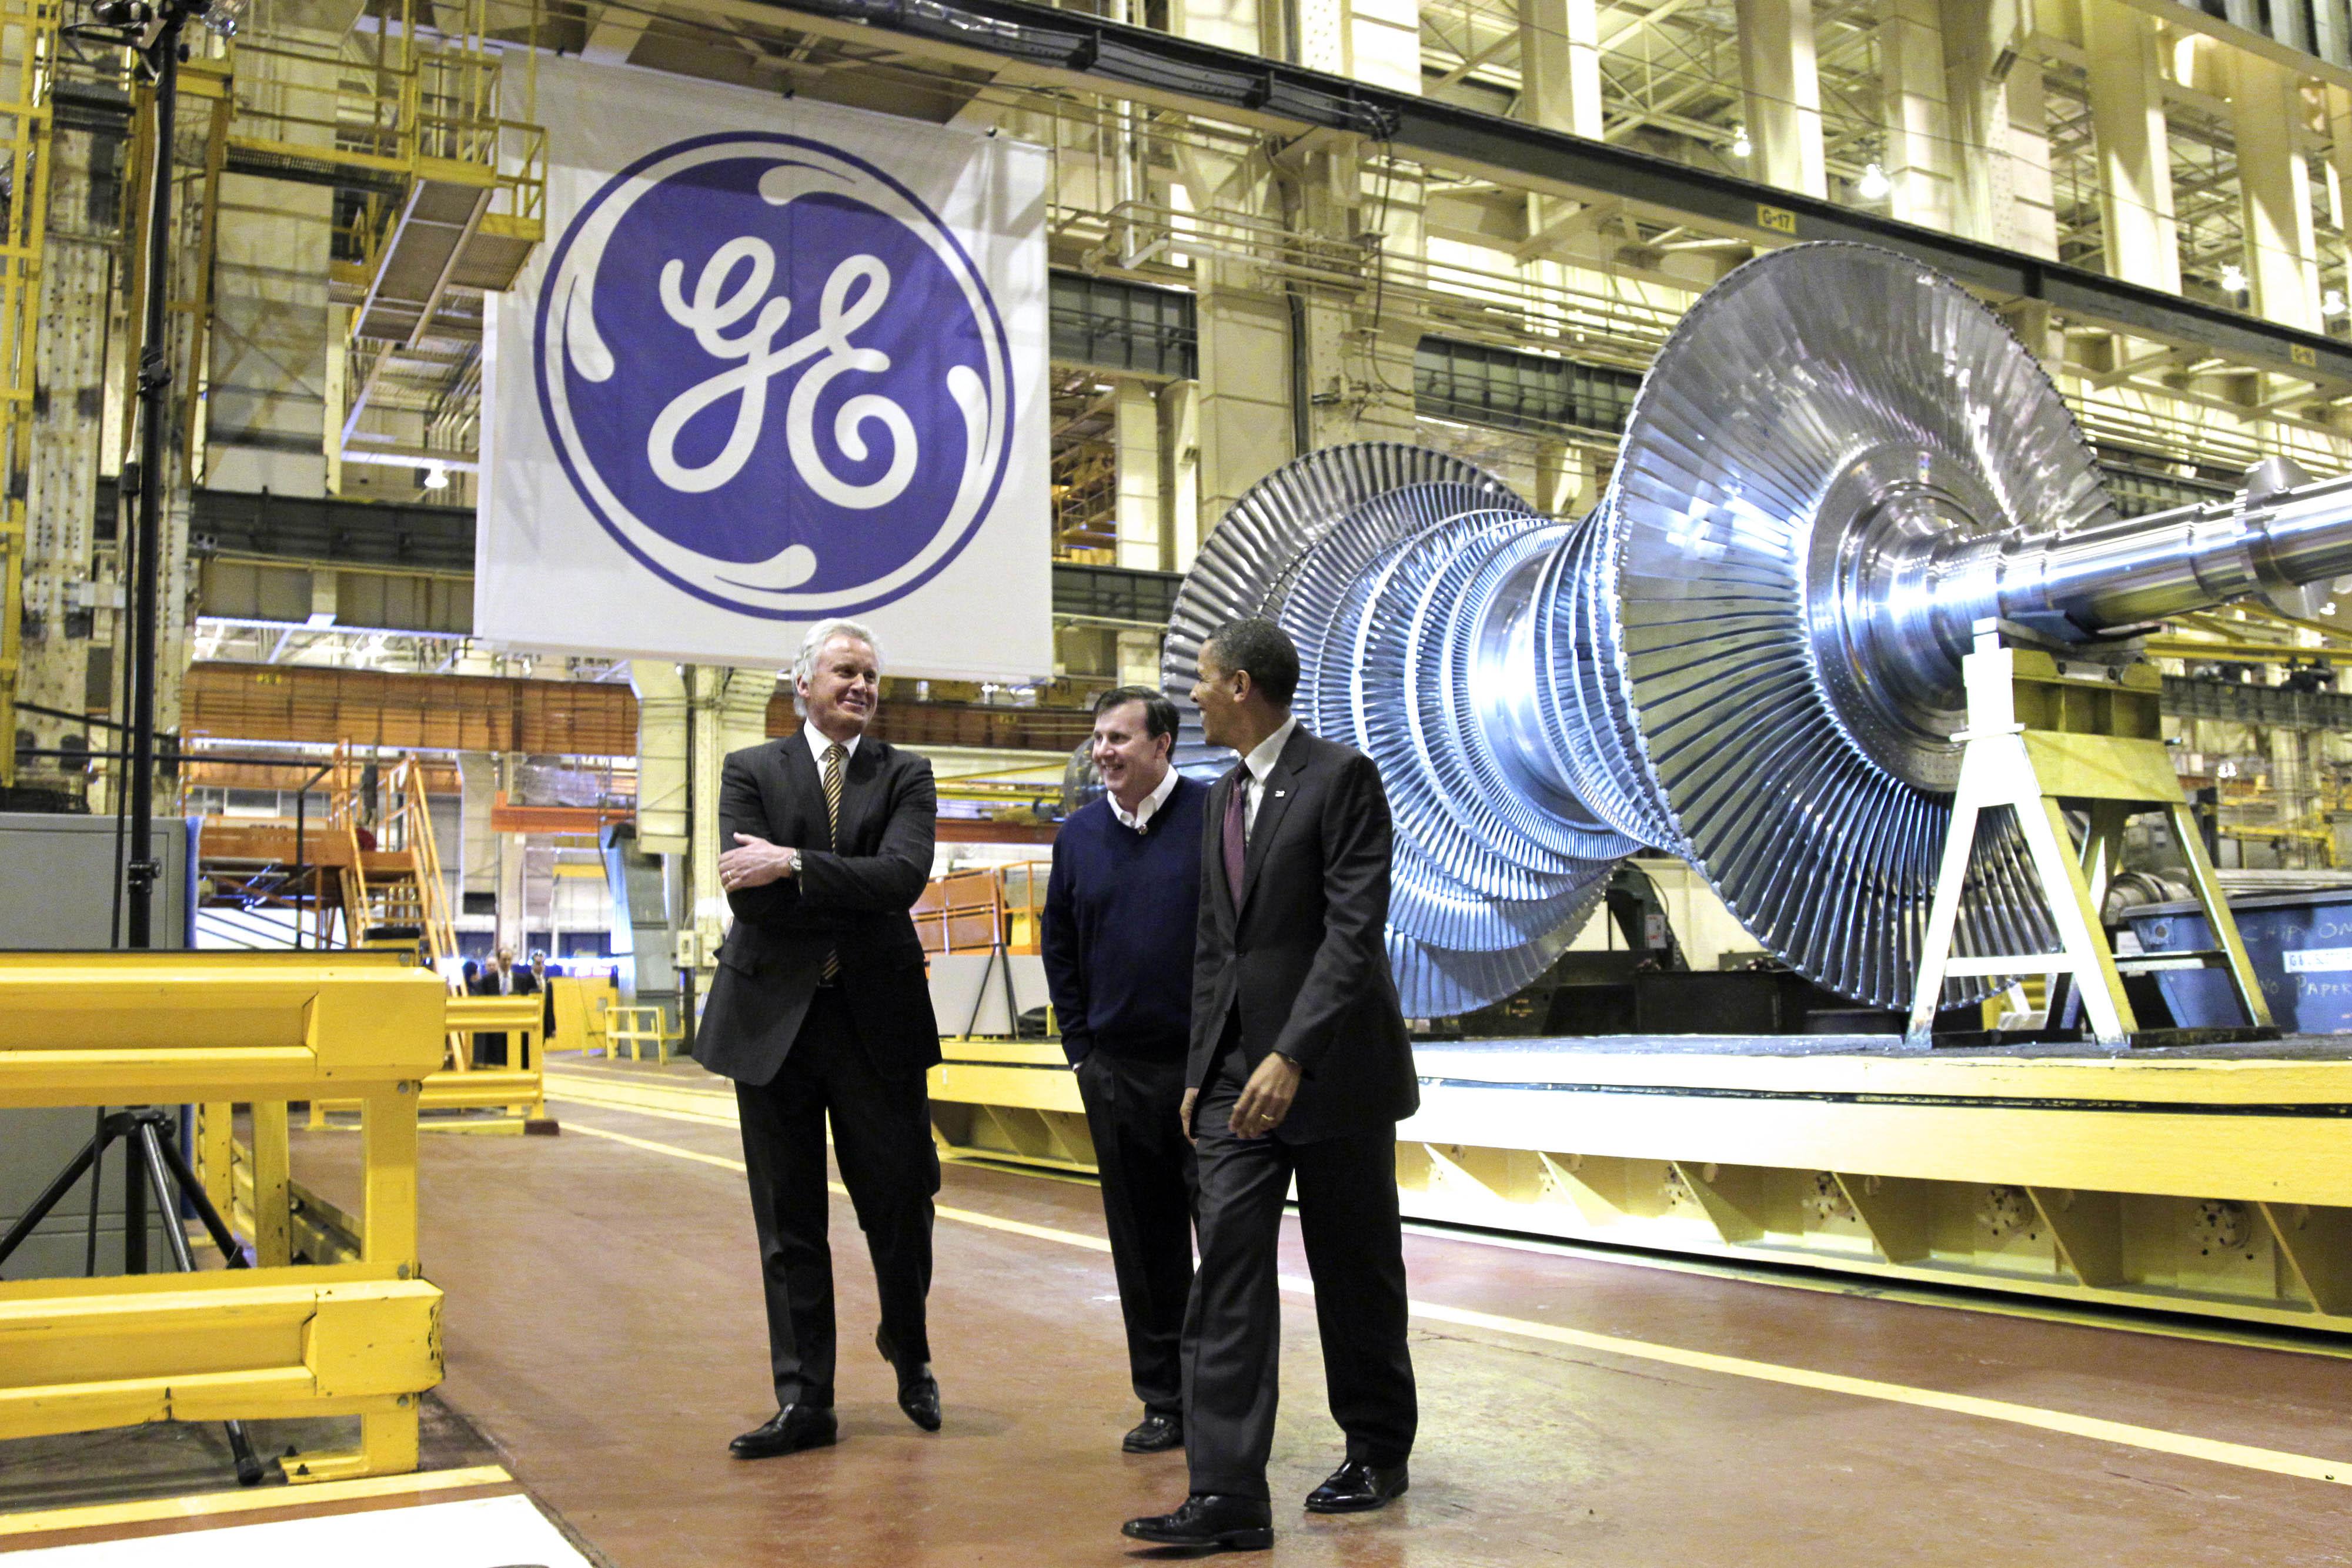 Pessoas de pé em fábrica com grande logotipo empresarial da GE pendurado no teto (© AP Images)